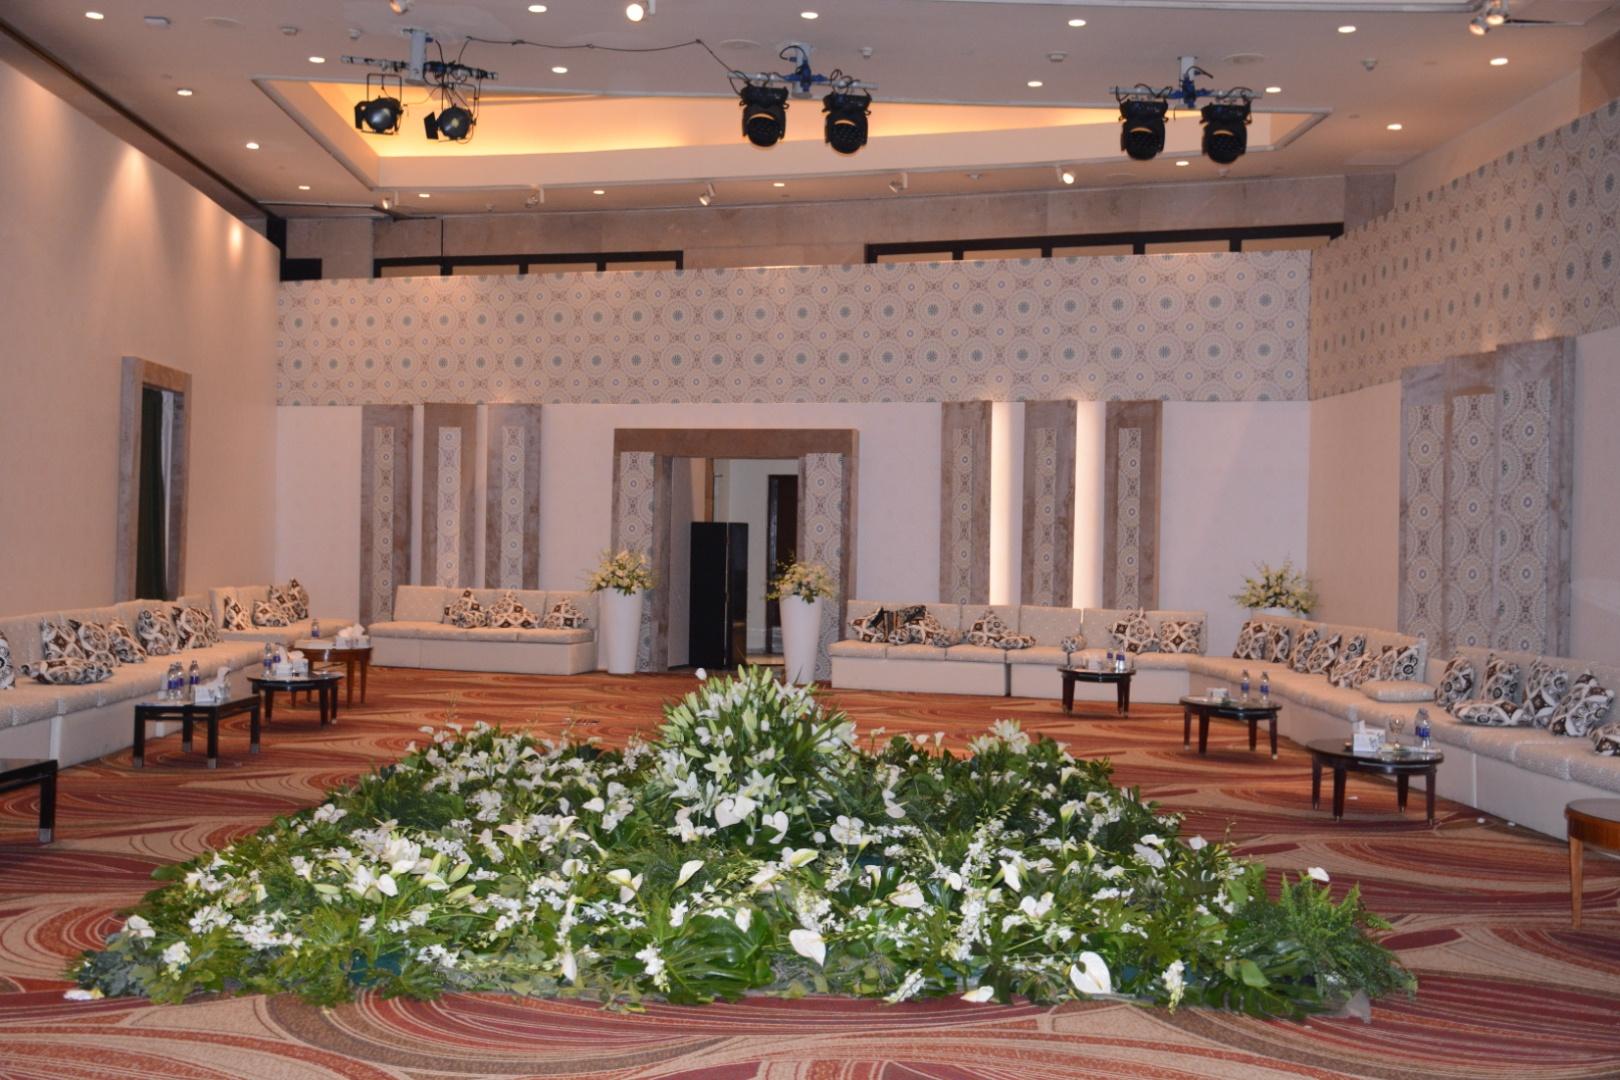 Muslim Council of Elders 9